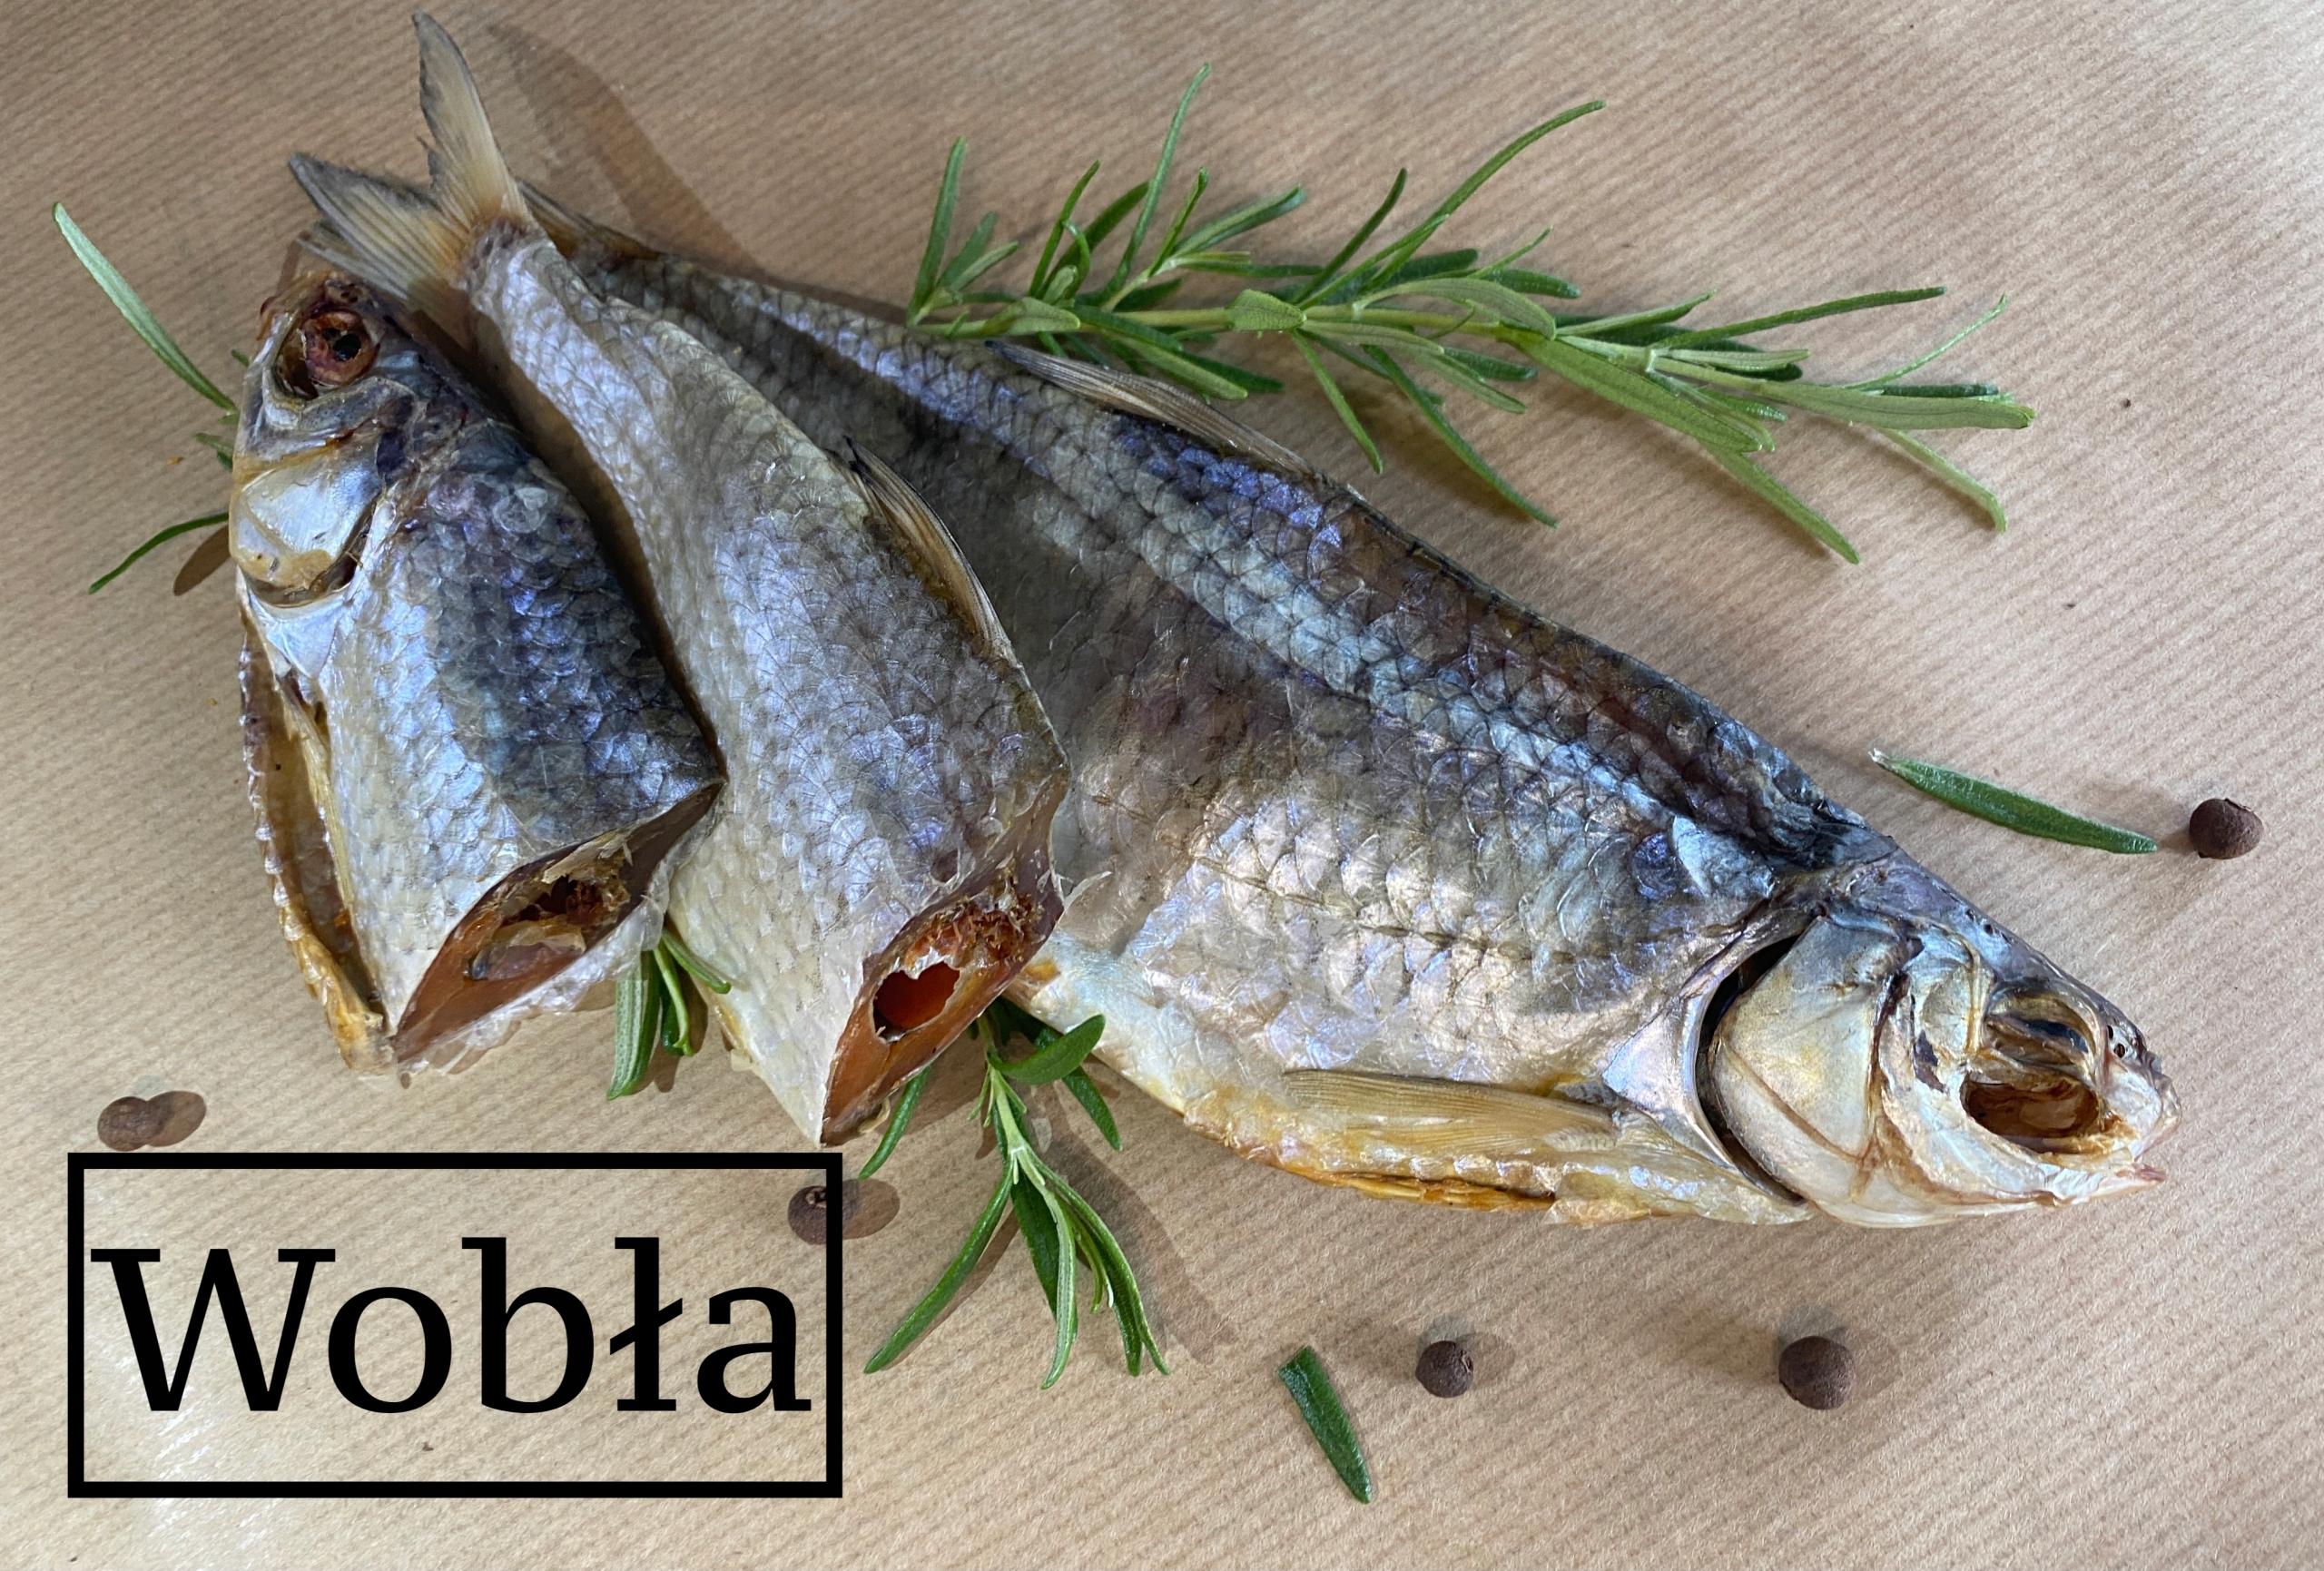 Вобла (каспийская плотва) Сушеная рыба 100г +/- 10г